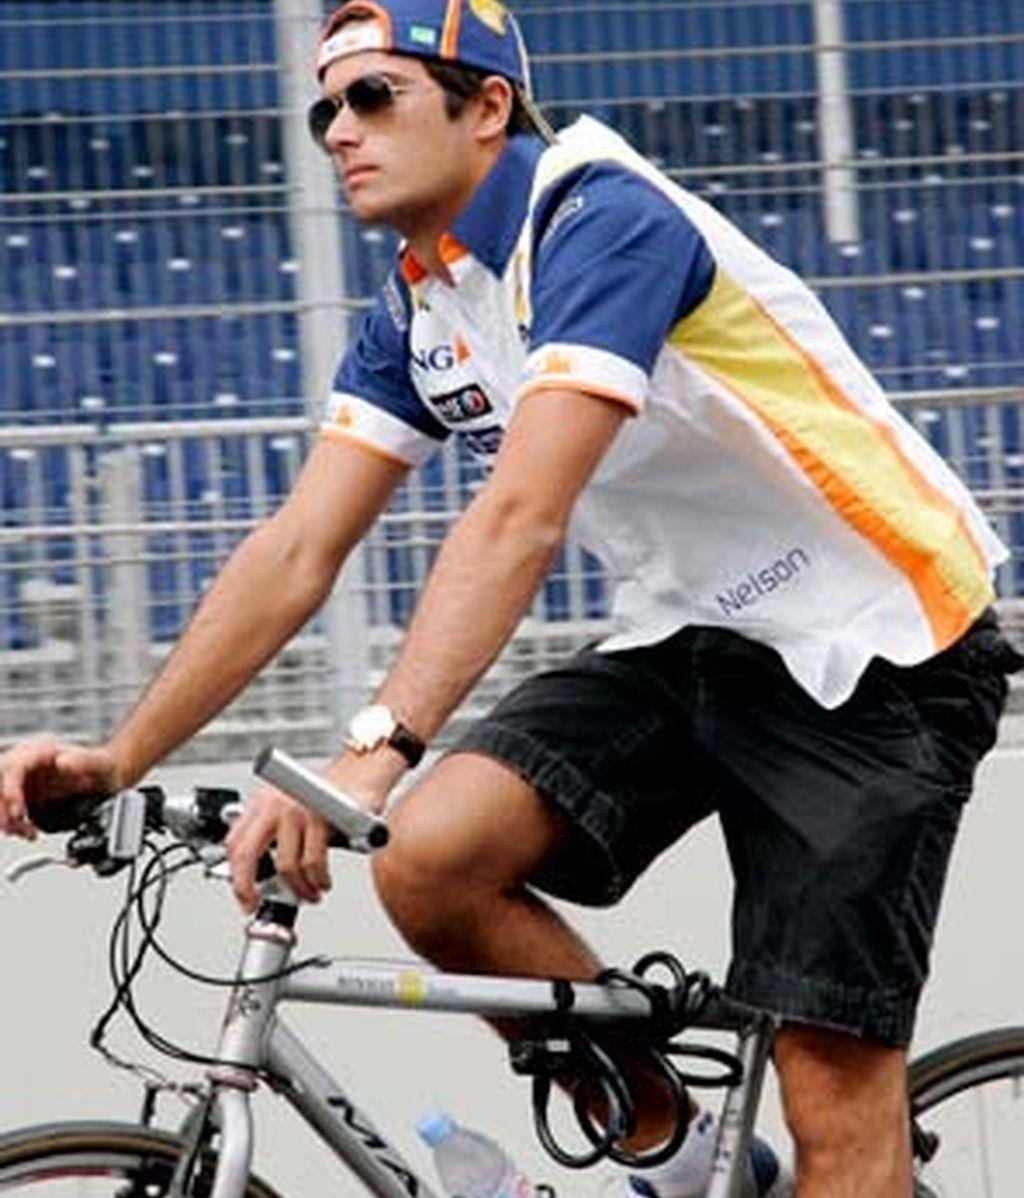 A vueltas con la bicicleta